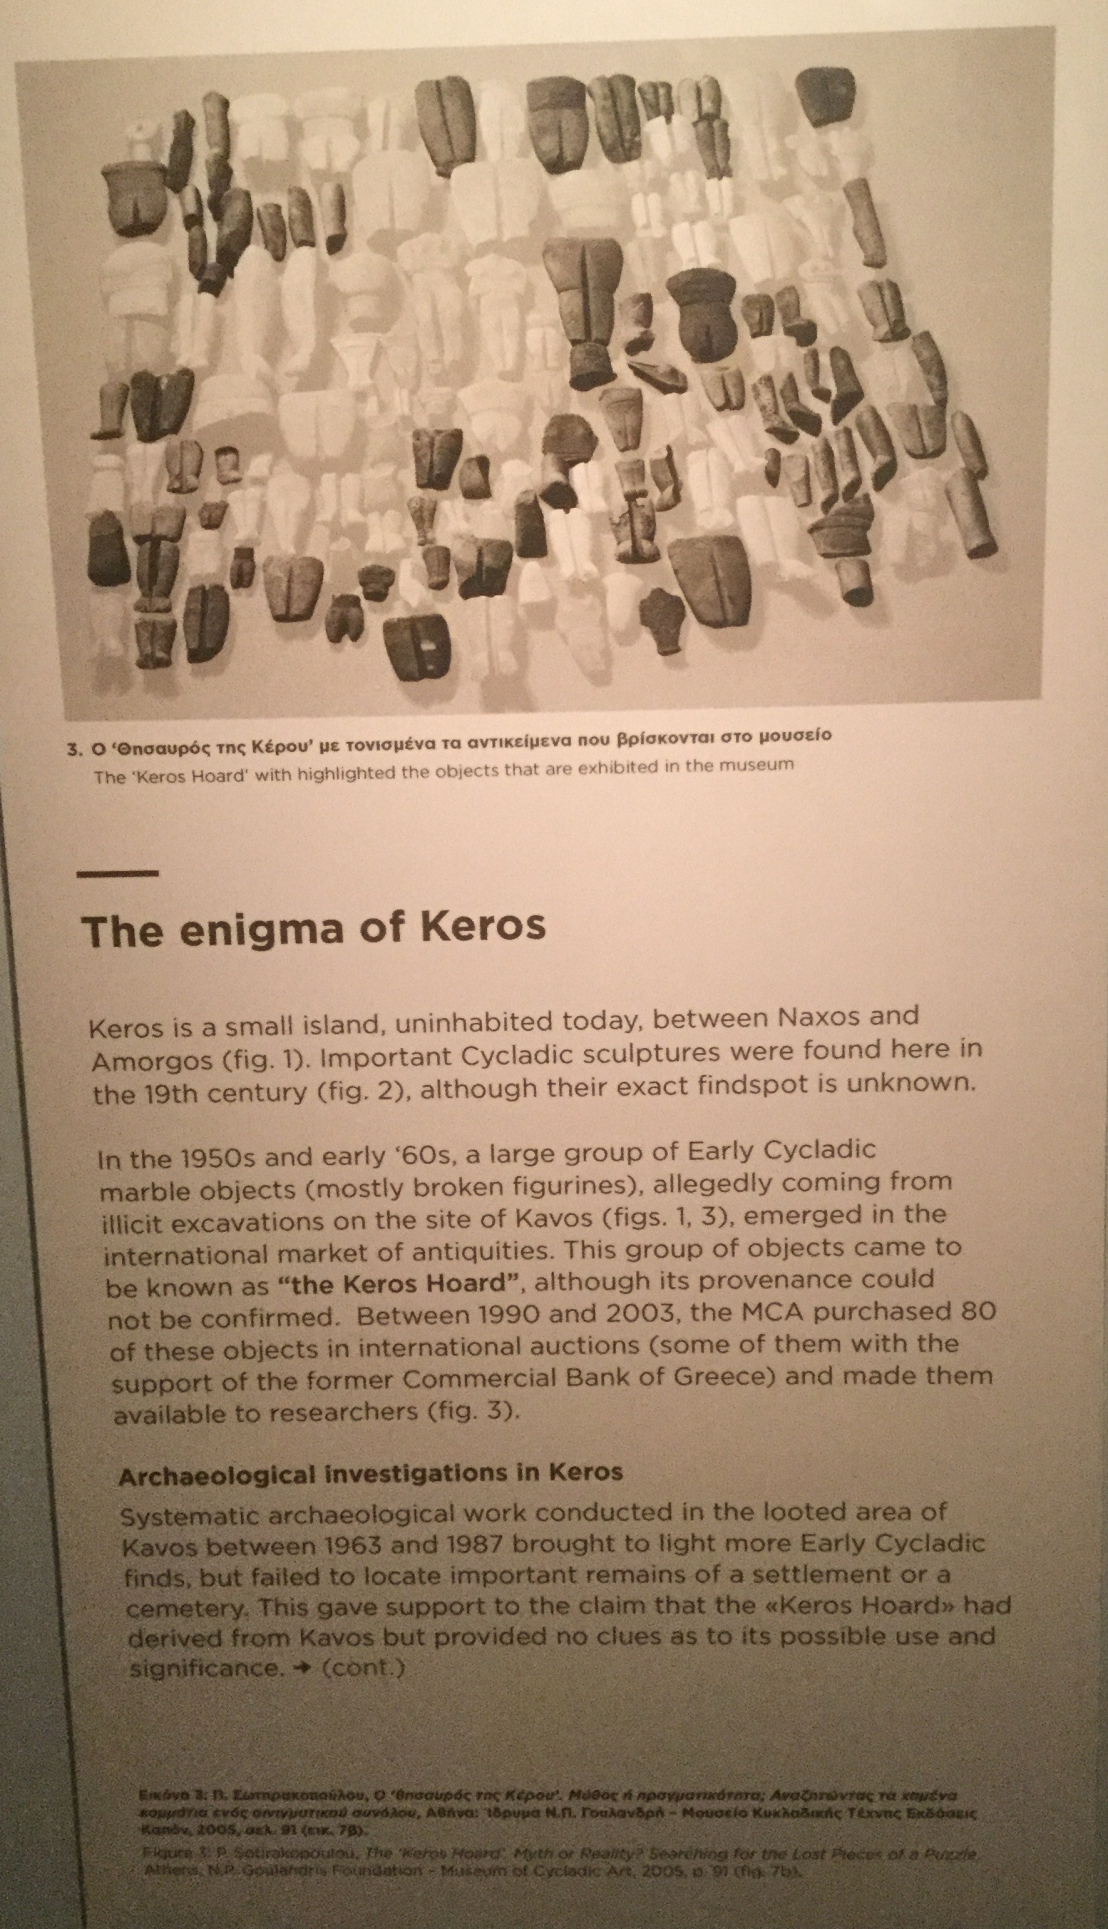 Enigma of Keros